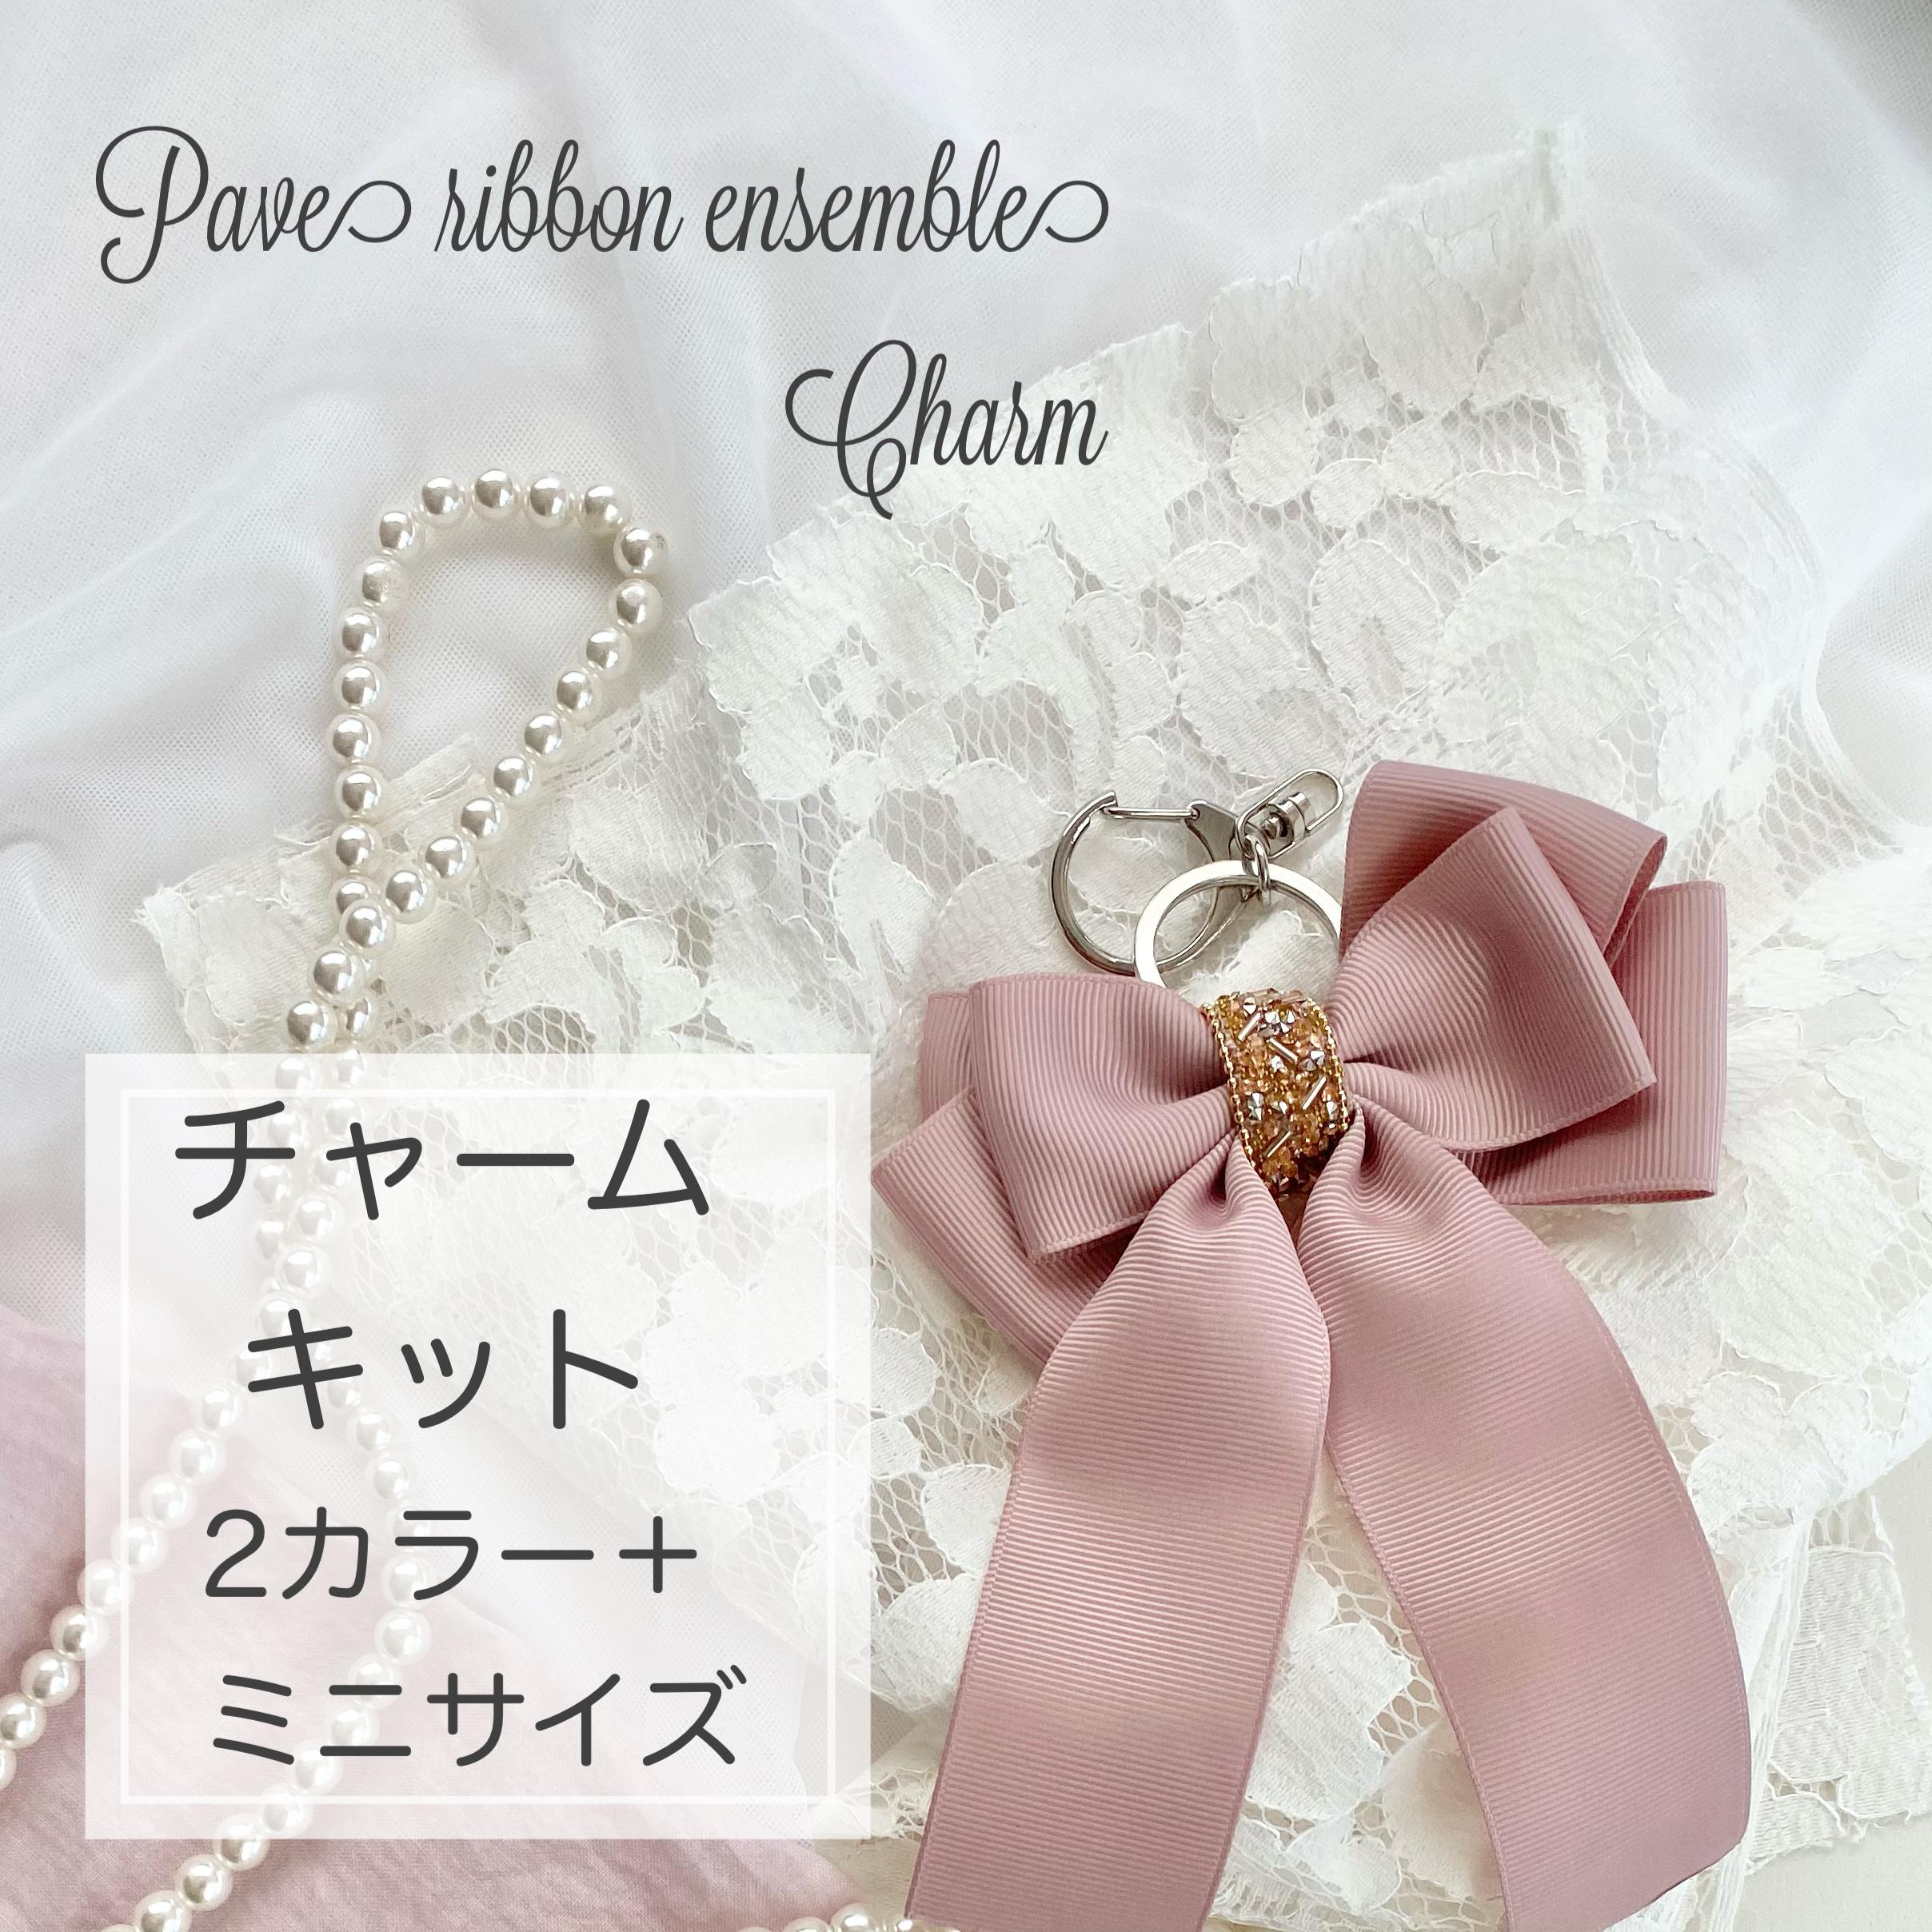 新作⑰Pave ribbon ensemble リボンチャームキット